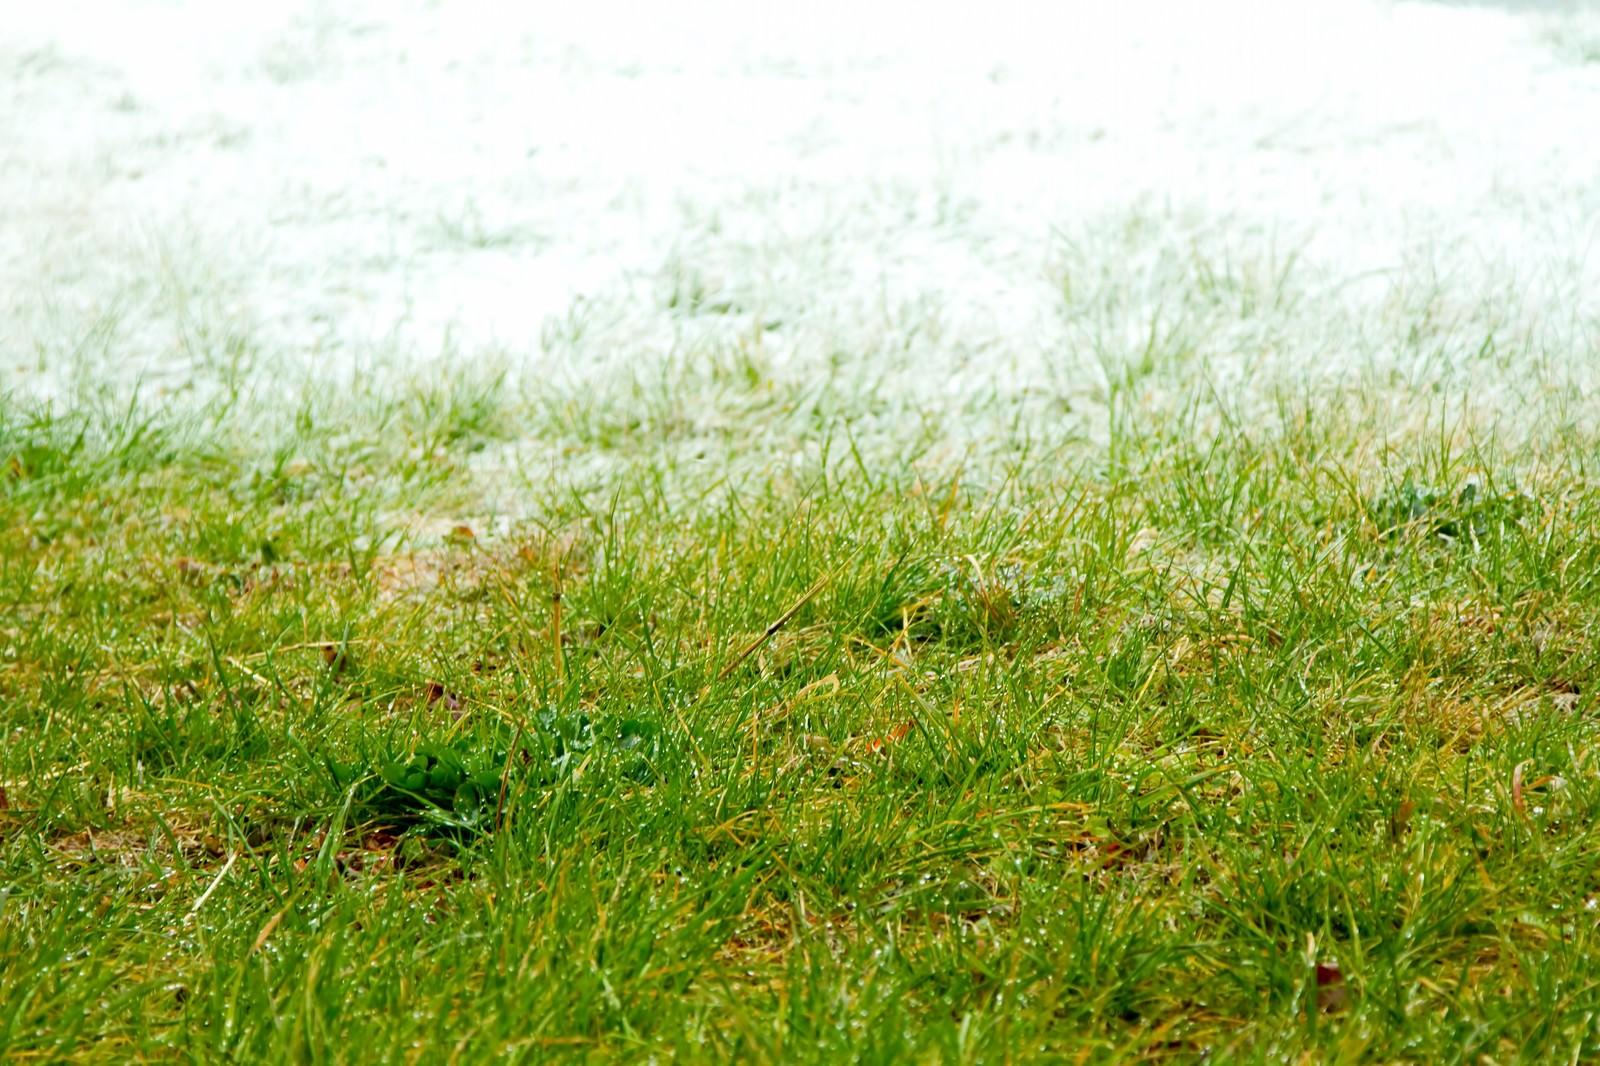 「冬と春の狭間冬と春の狭間」のフリー写真素材を拡大